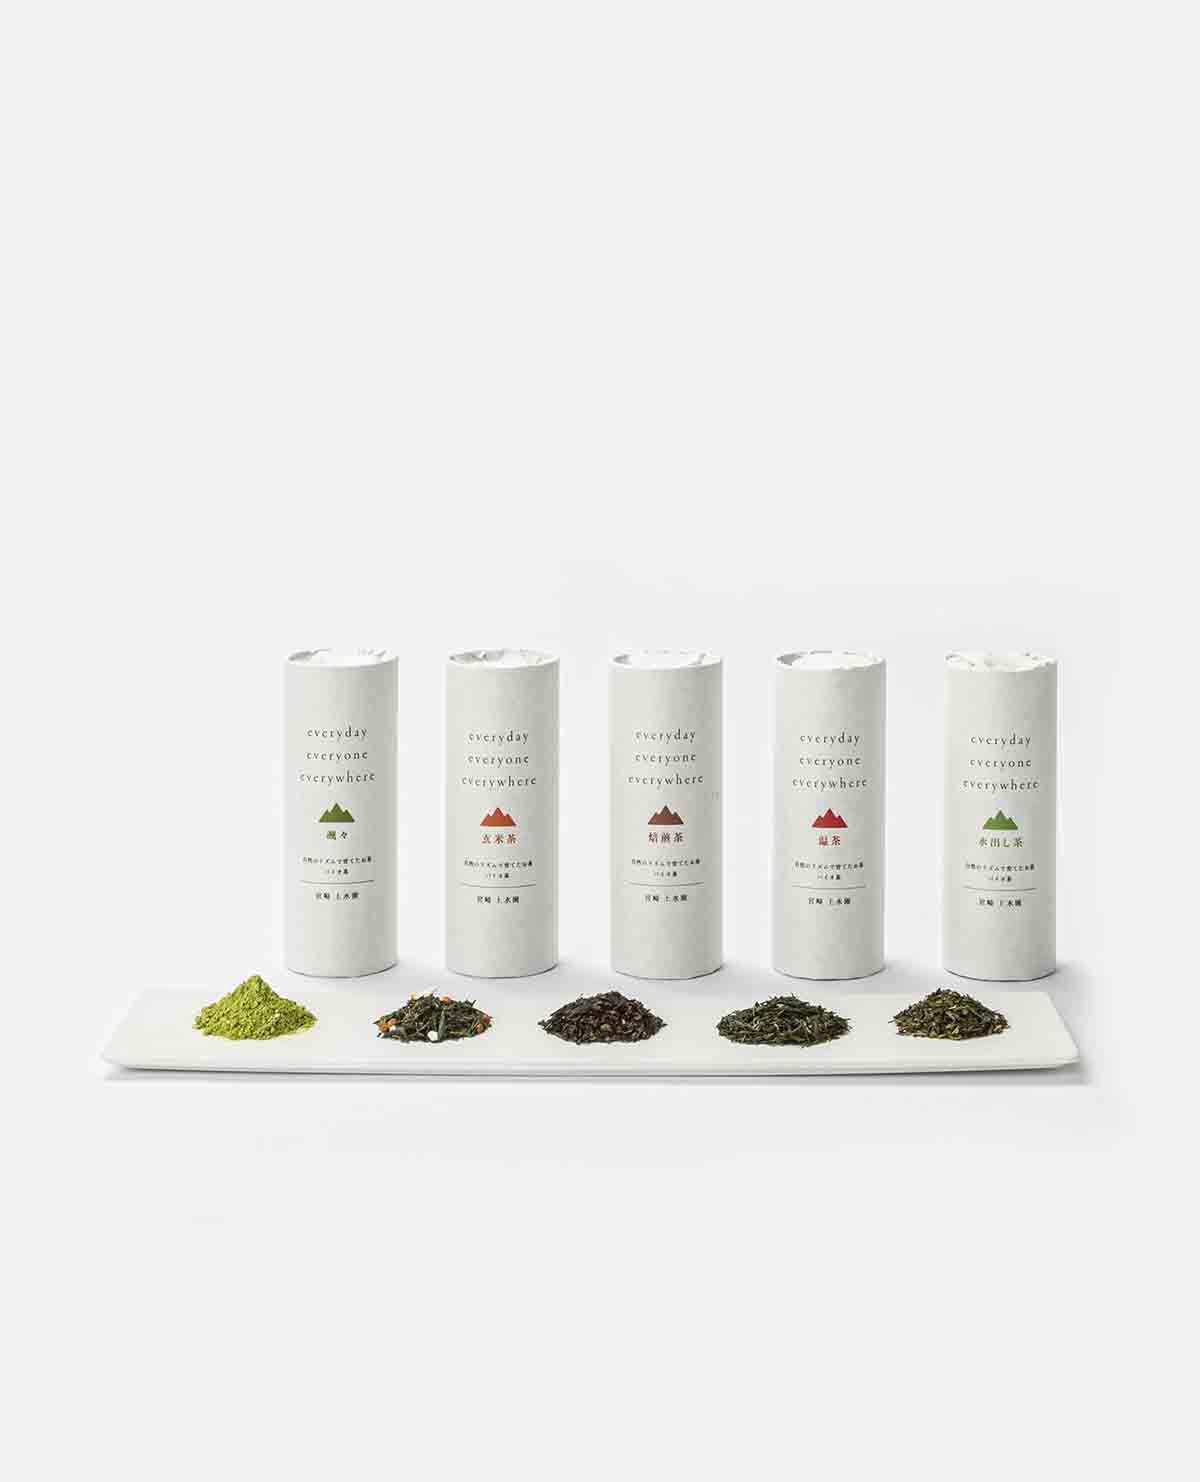 everyday緑茶セット